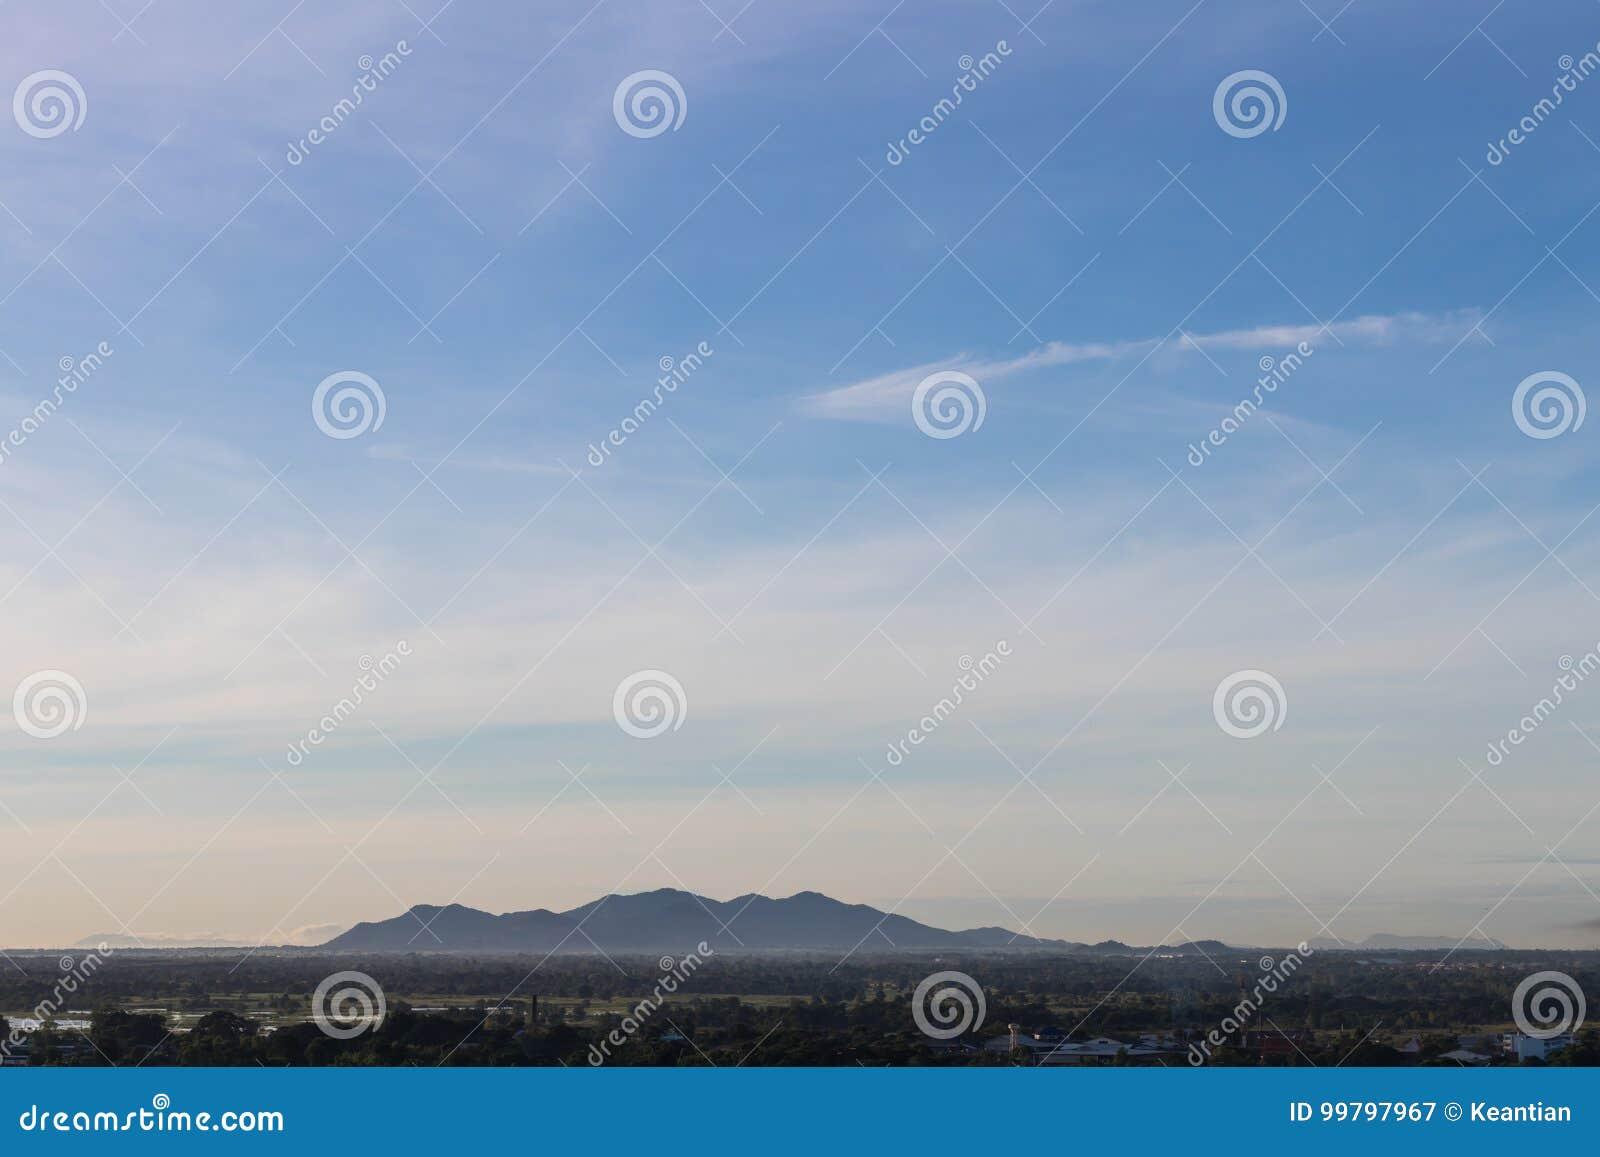 Cenário do céu da noite sobre o campo montanhoso